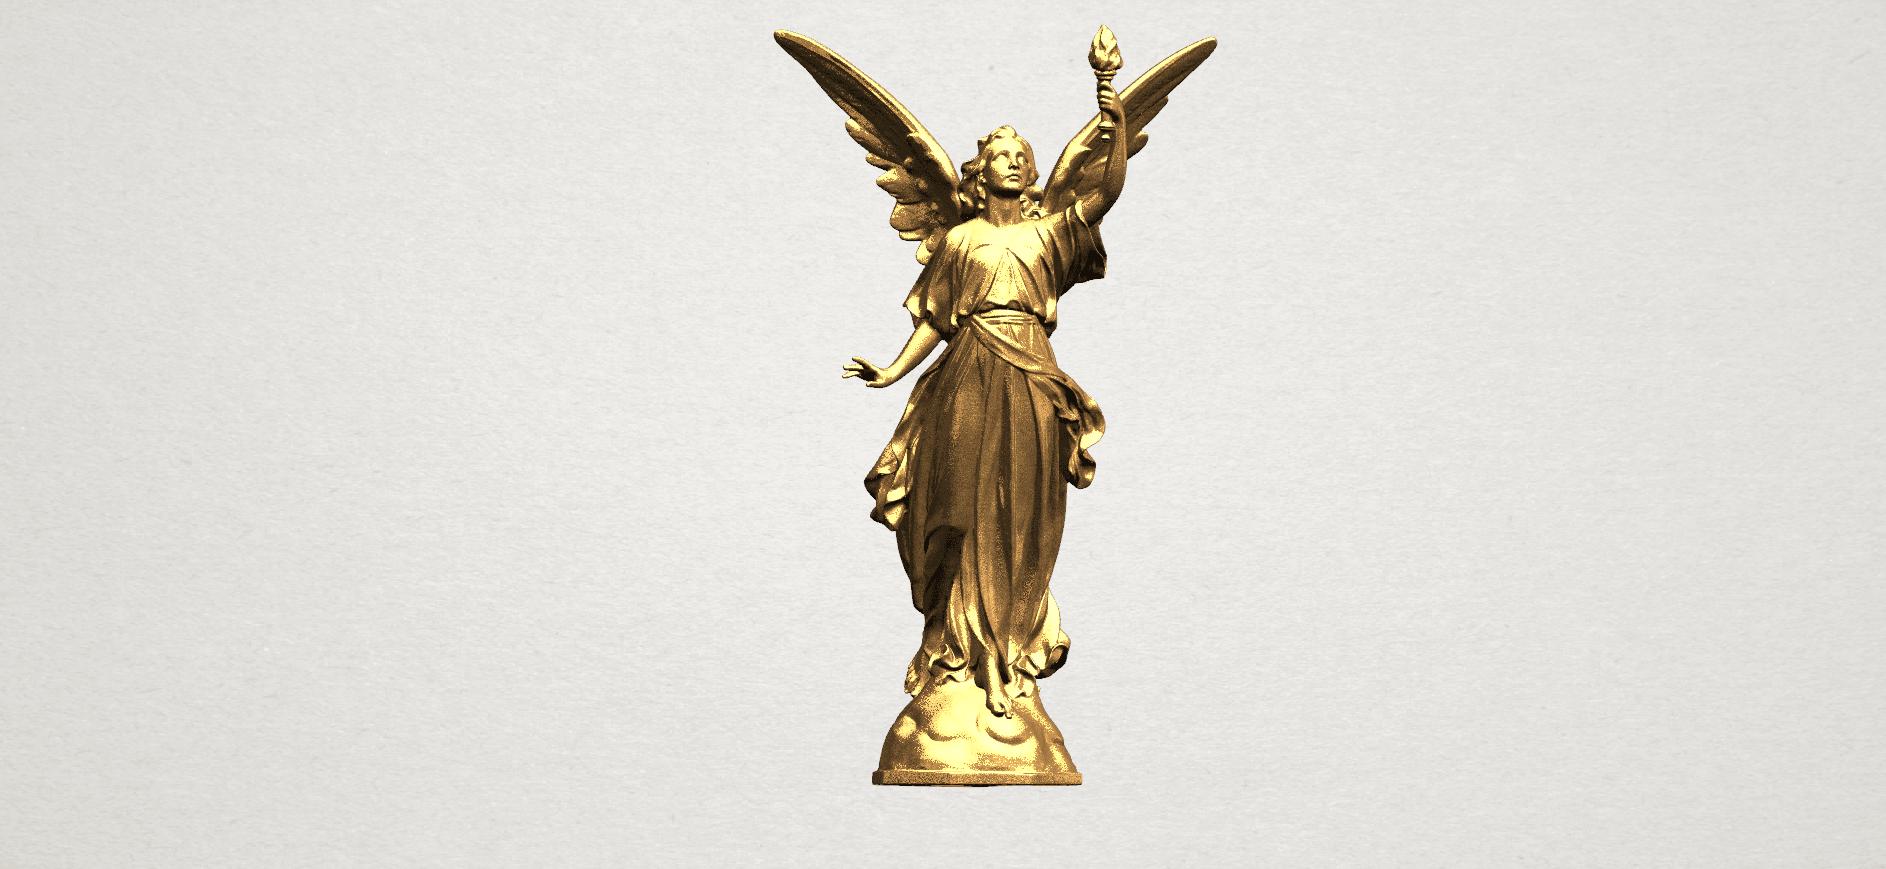 Statue 01 - A01.png Télécharger fichier STL gratuit Statue 01 • Design à imprimer en 3D, GeorgesNikkei